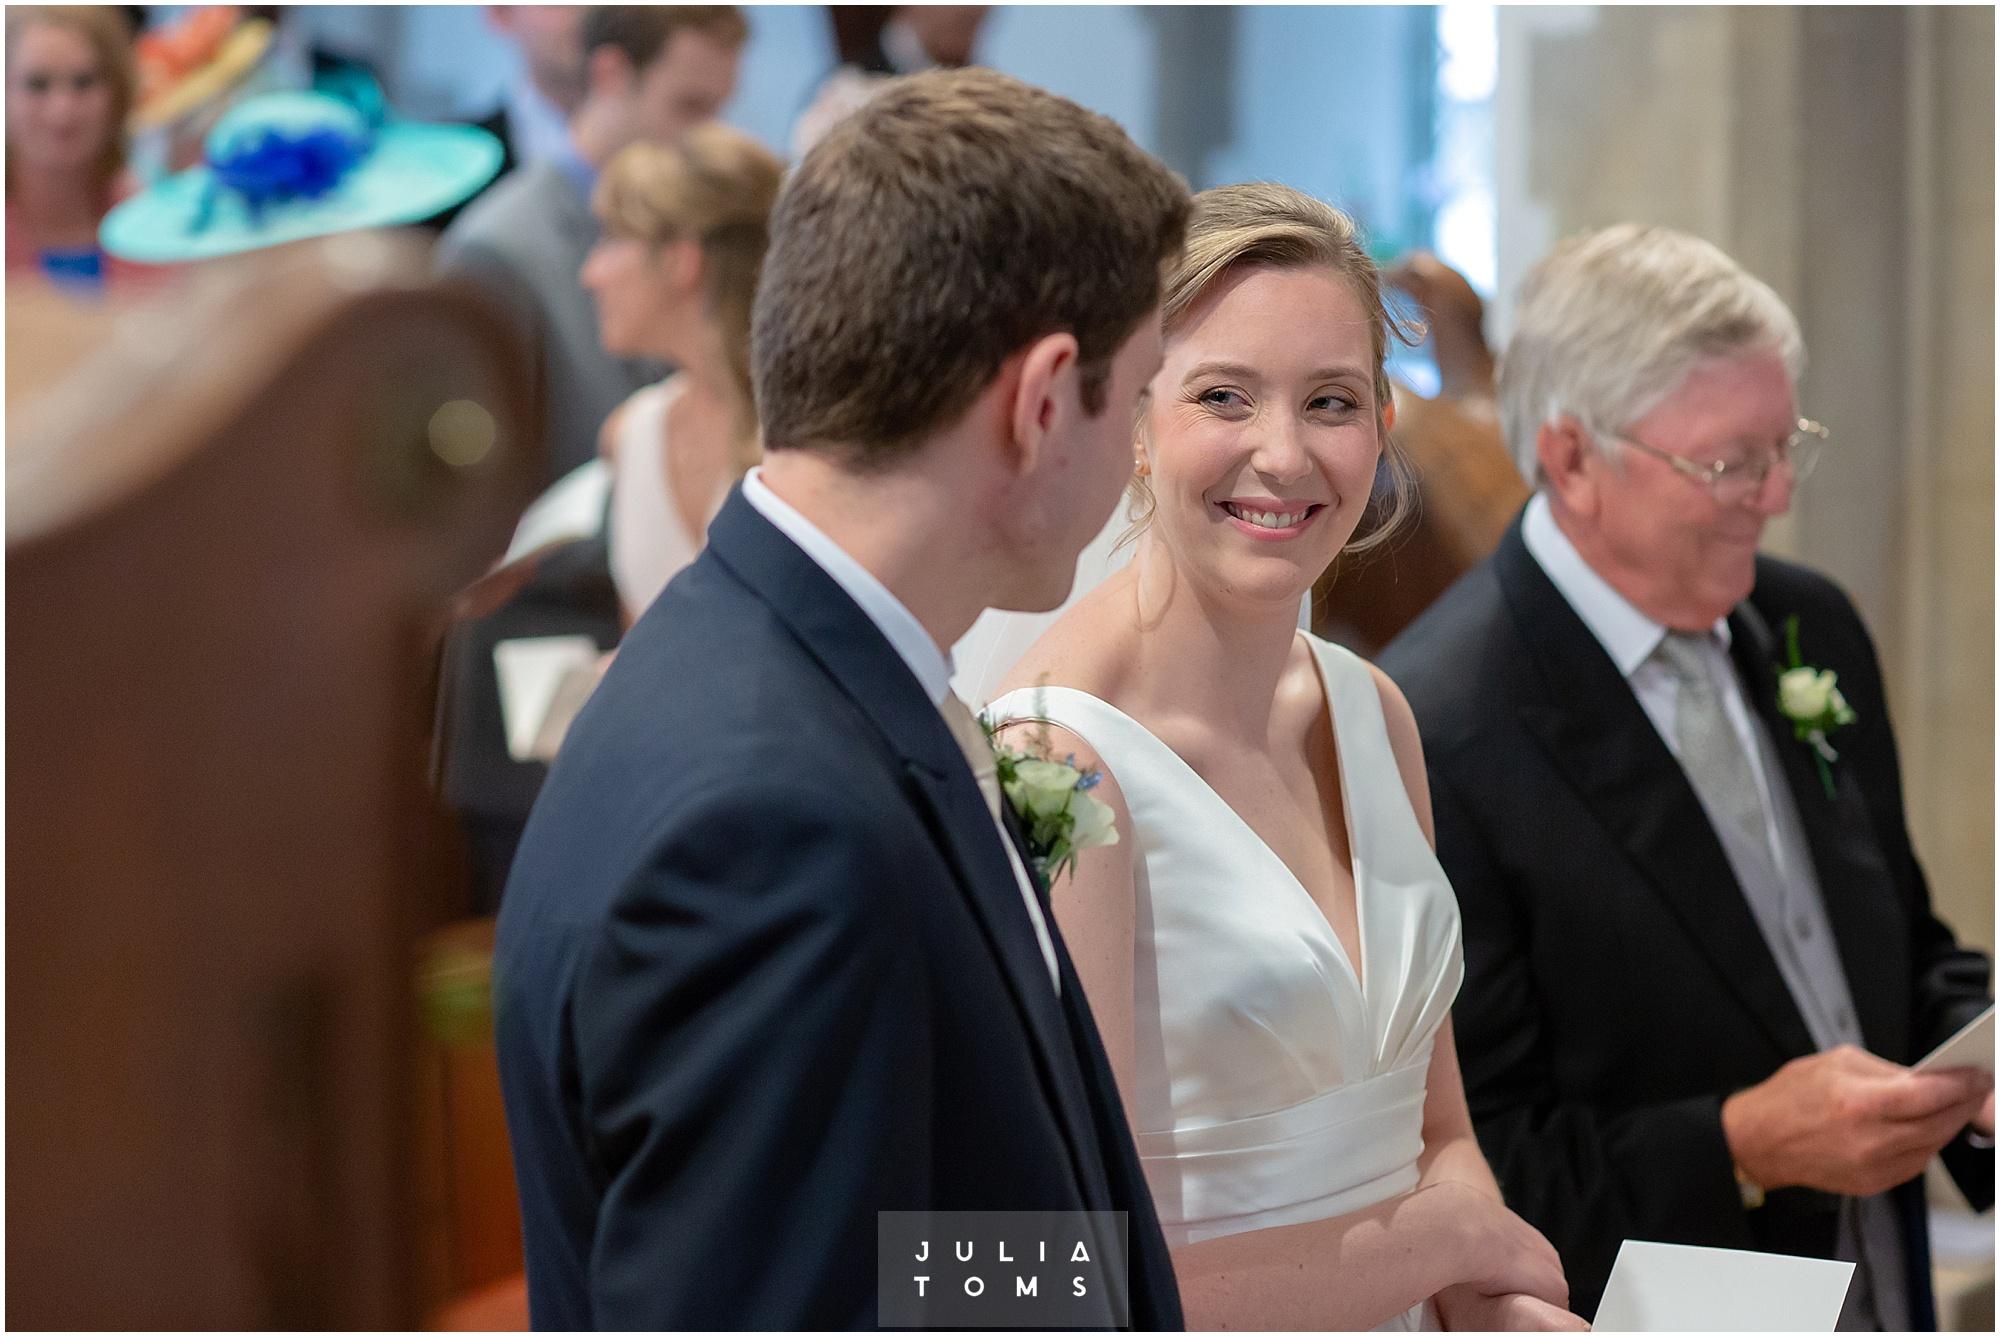 westsussex_wedding_photographer_westdean_040.jpg